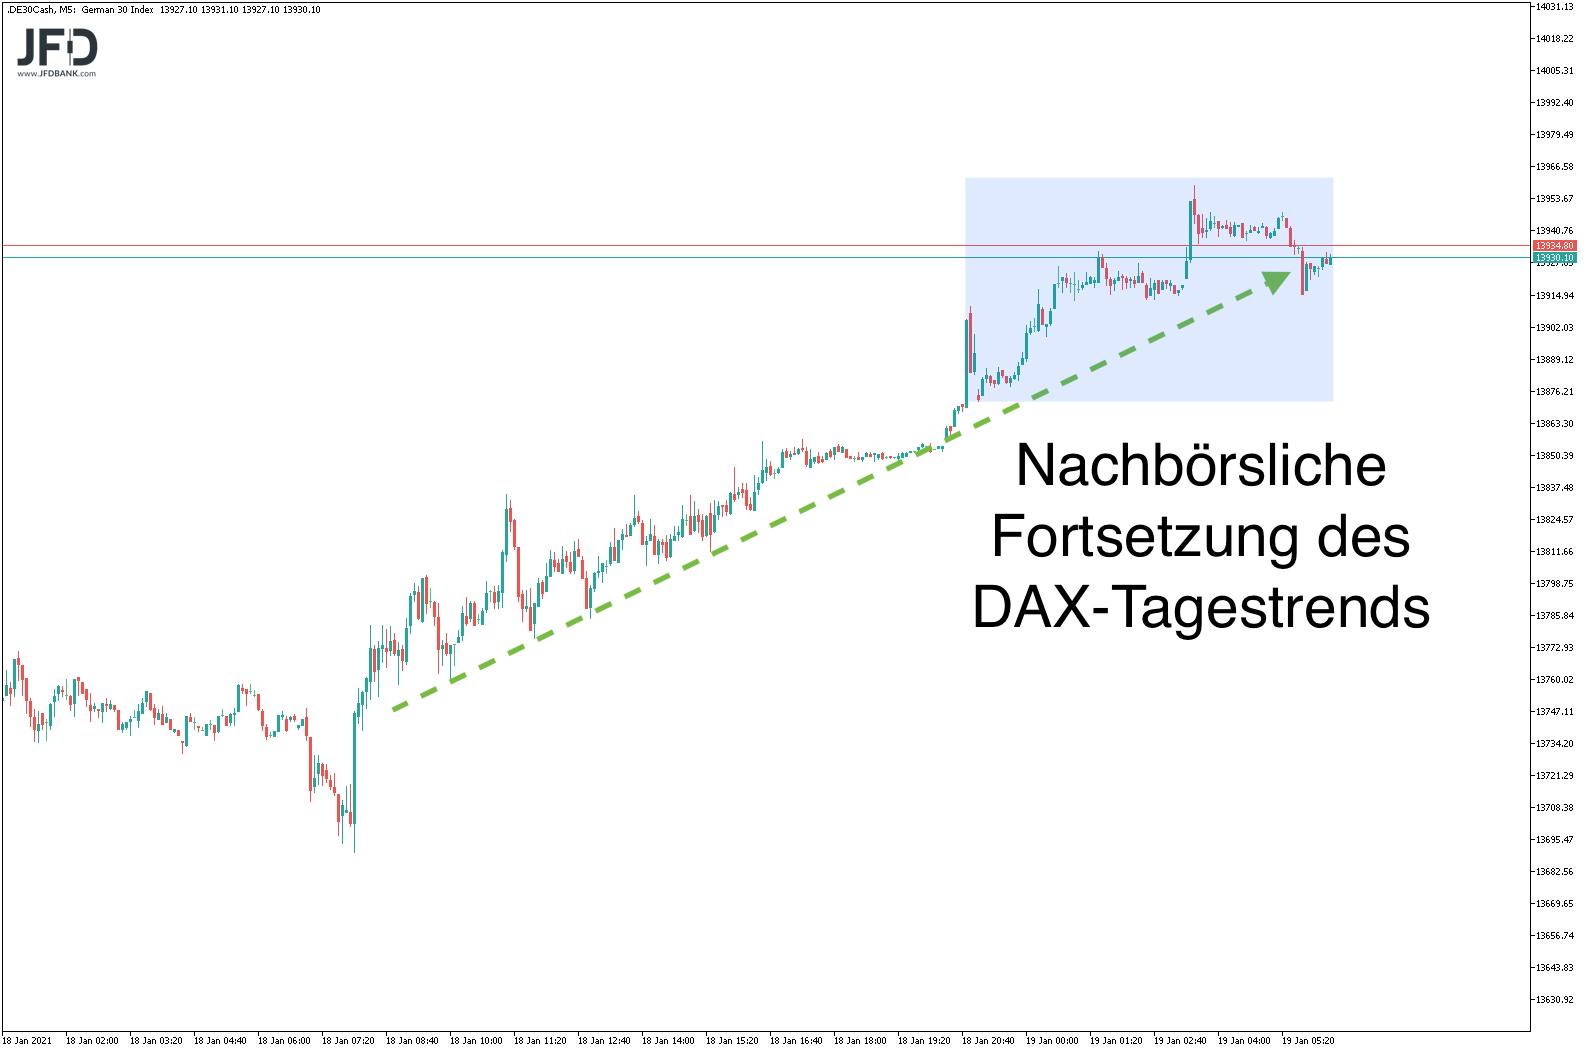 Blickt-der-DAX-heute-wieder-auf-die-14-000-Kommentar-JFD-Bank-GodmodeTrader.de-6